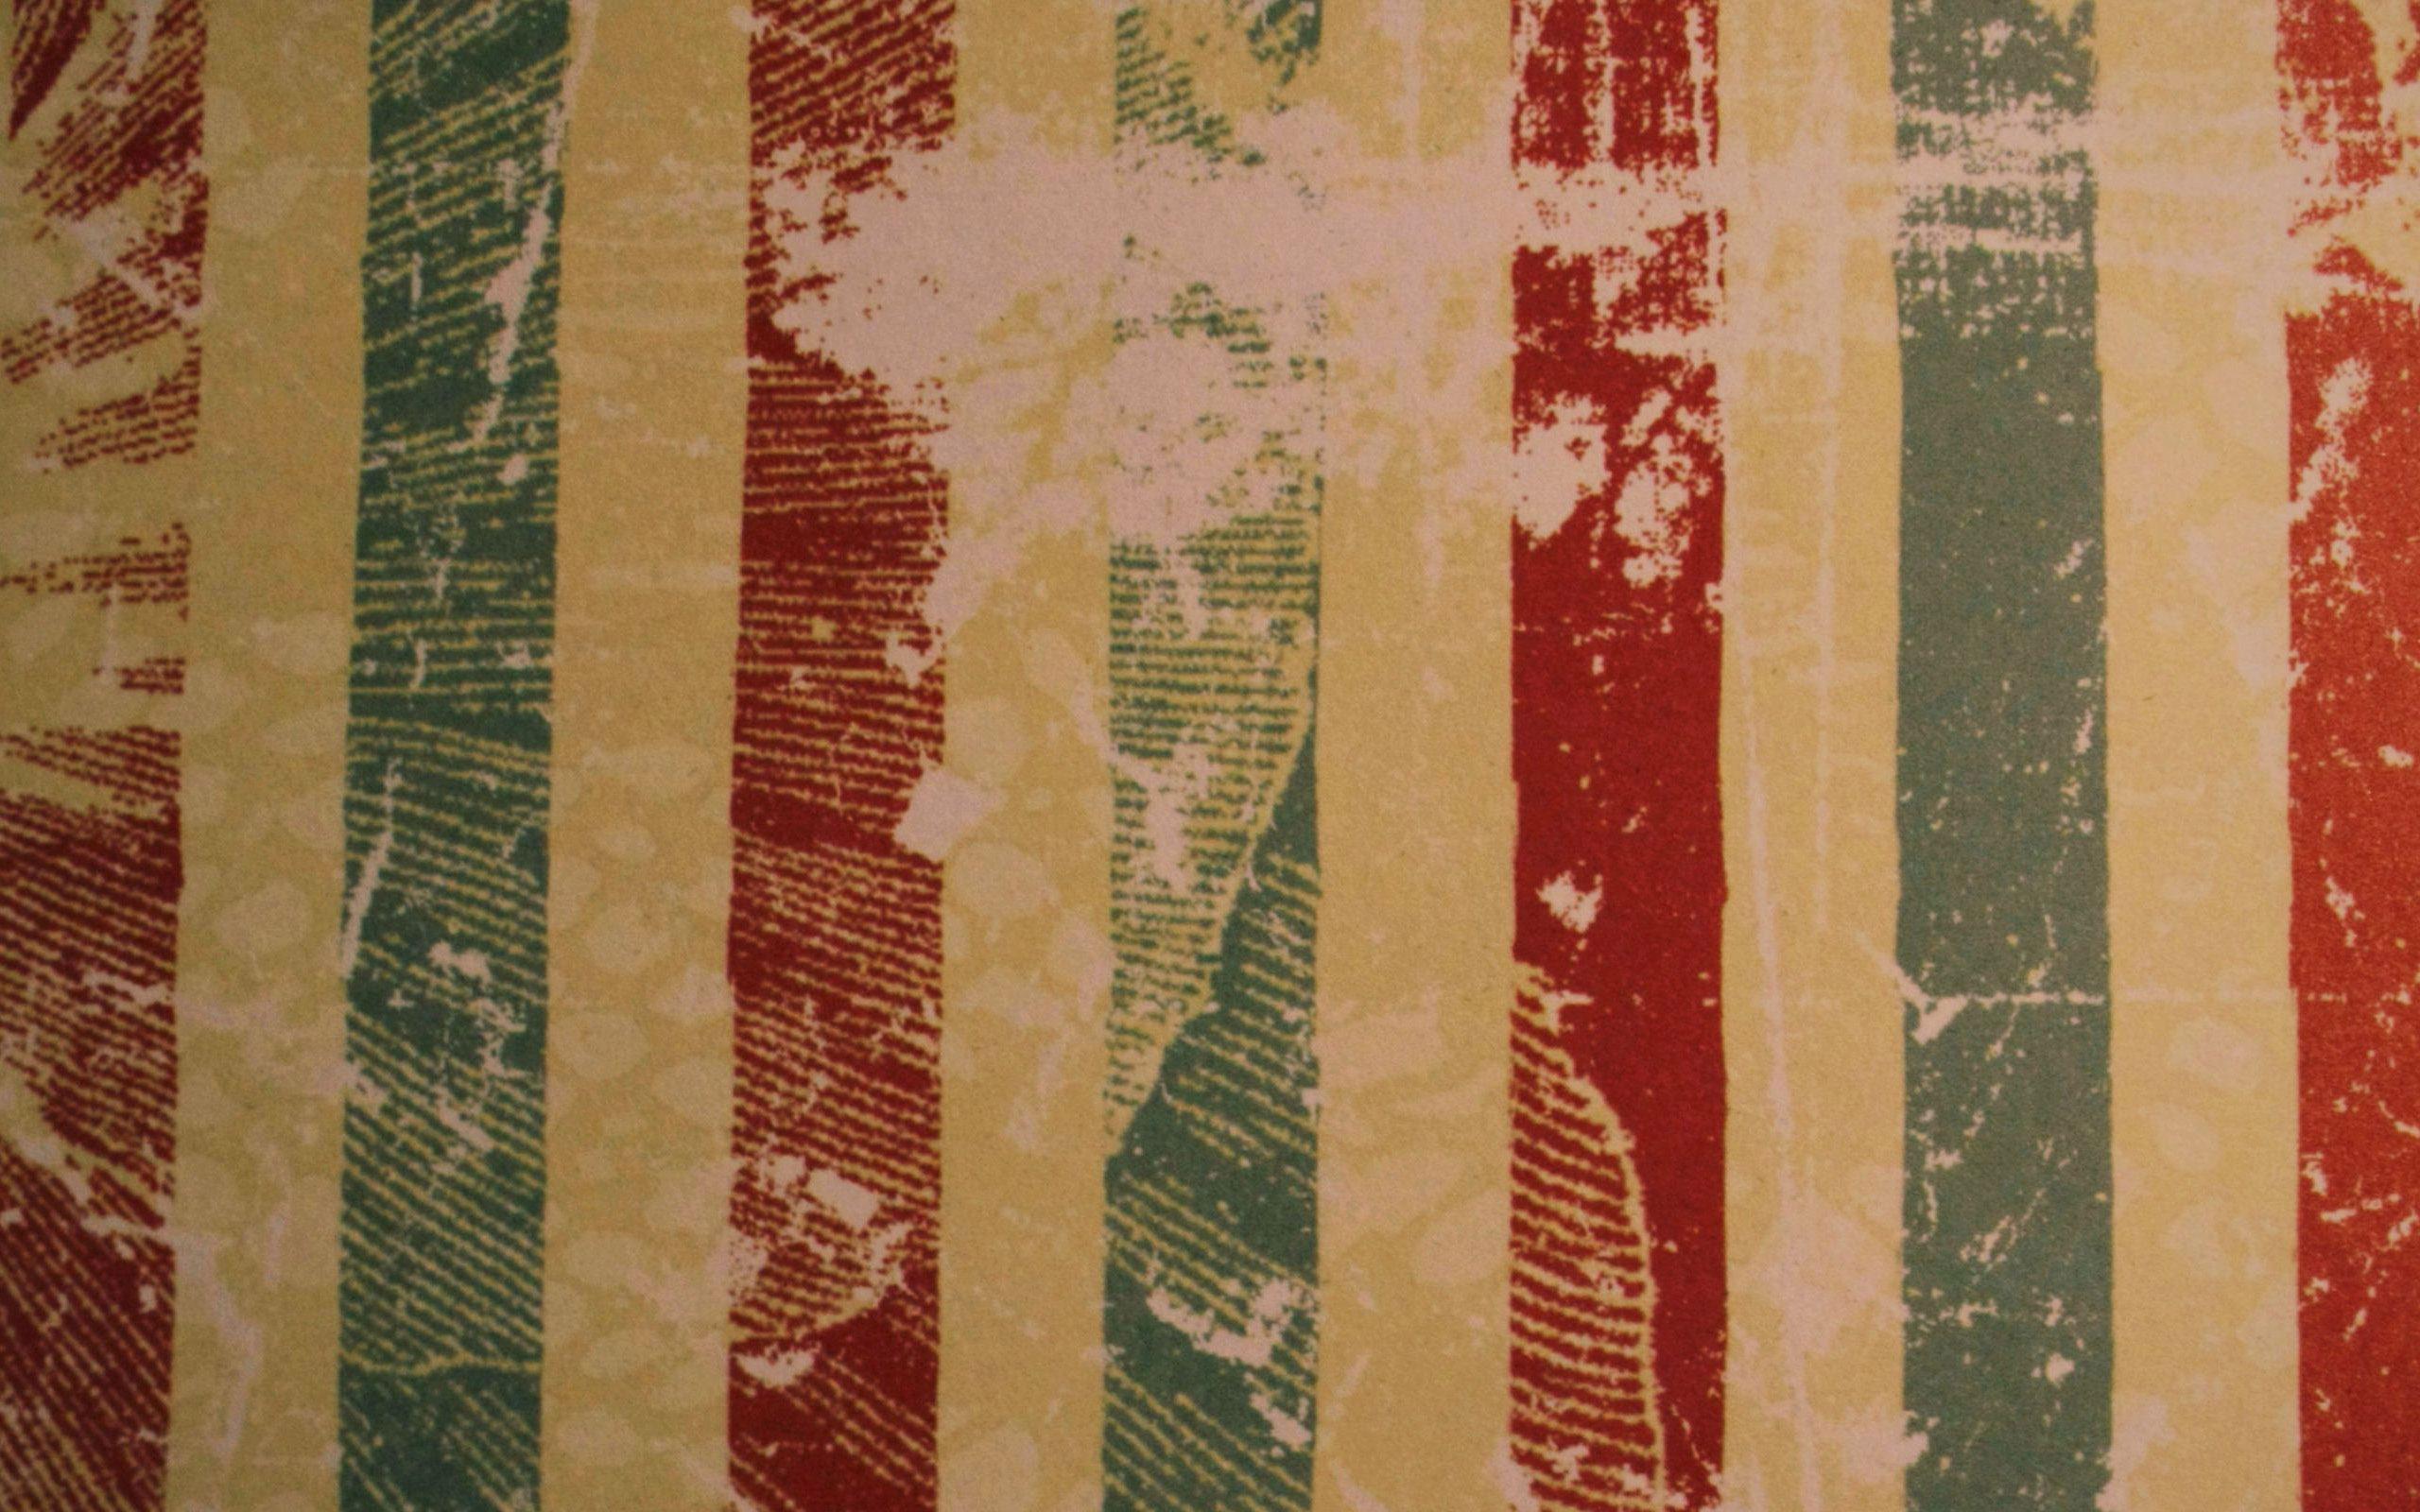 vintage_wallpaper_195_free_images